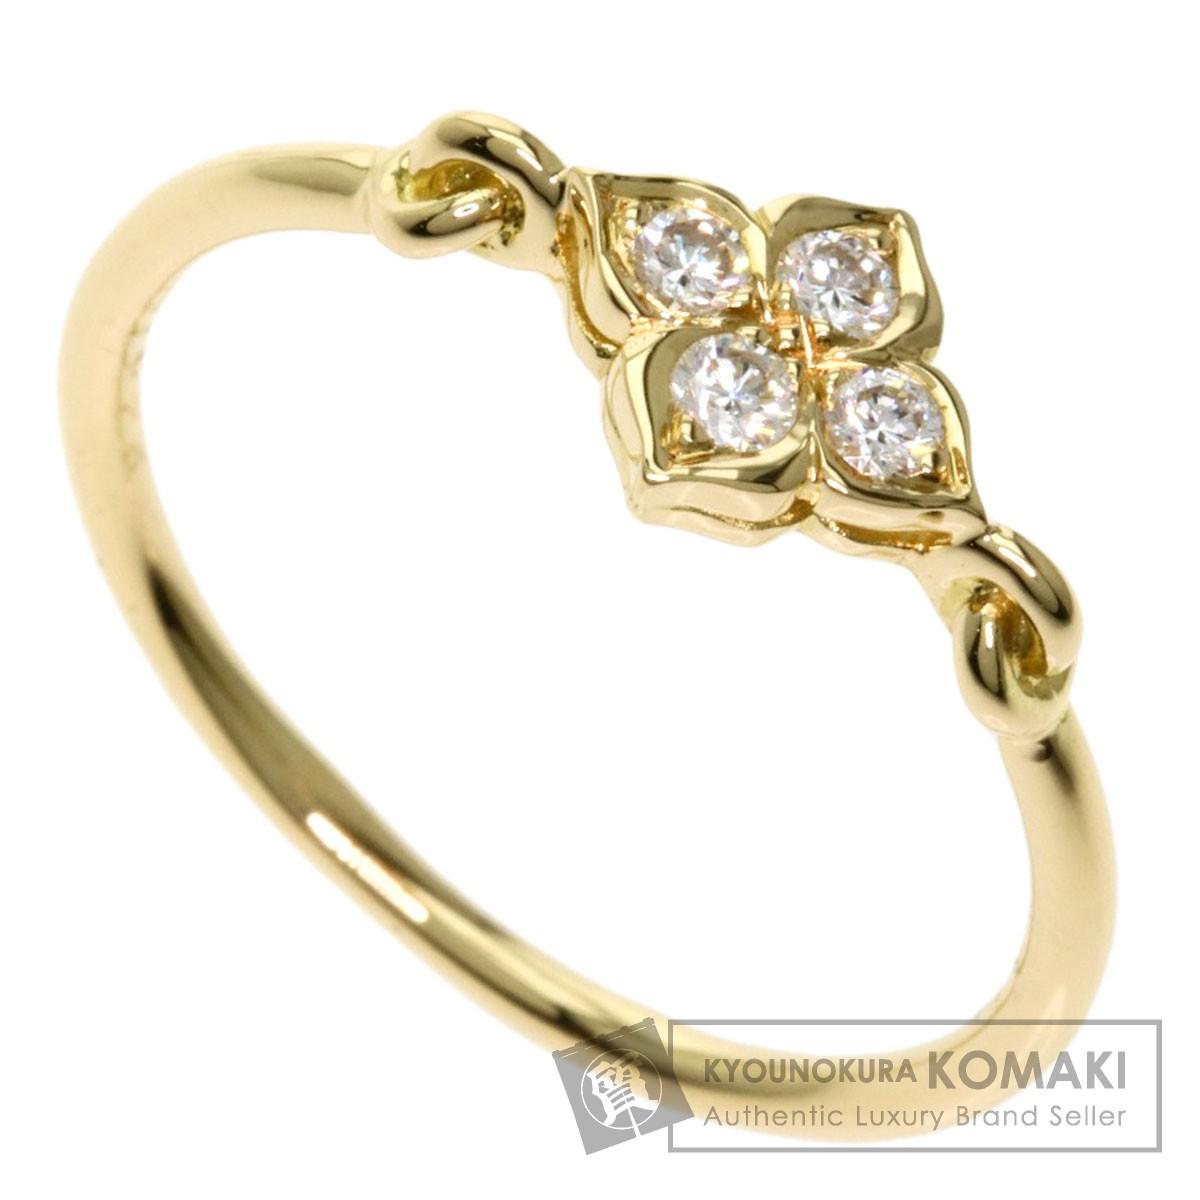 カルティエ ヒンドゥ リング ダイヤモンド #55 リング・指輪 K18イエローゴールド レディース 【中古】【CARTIER】